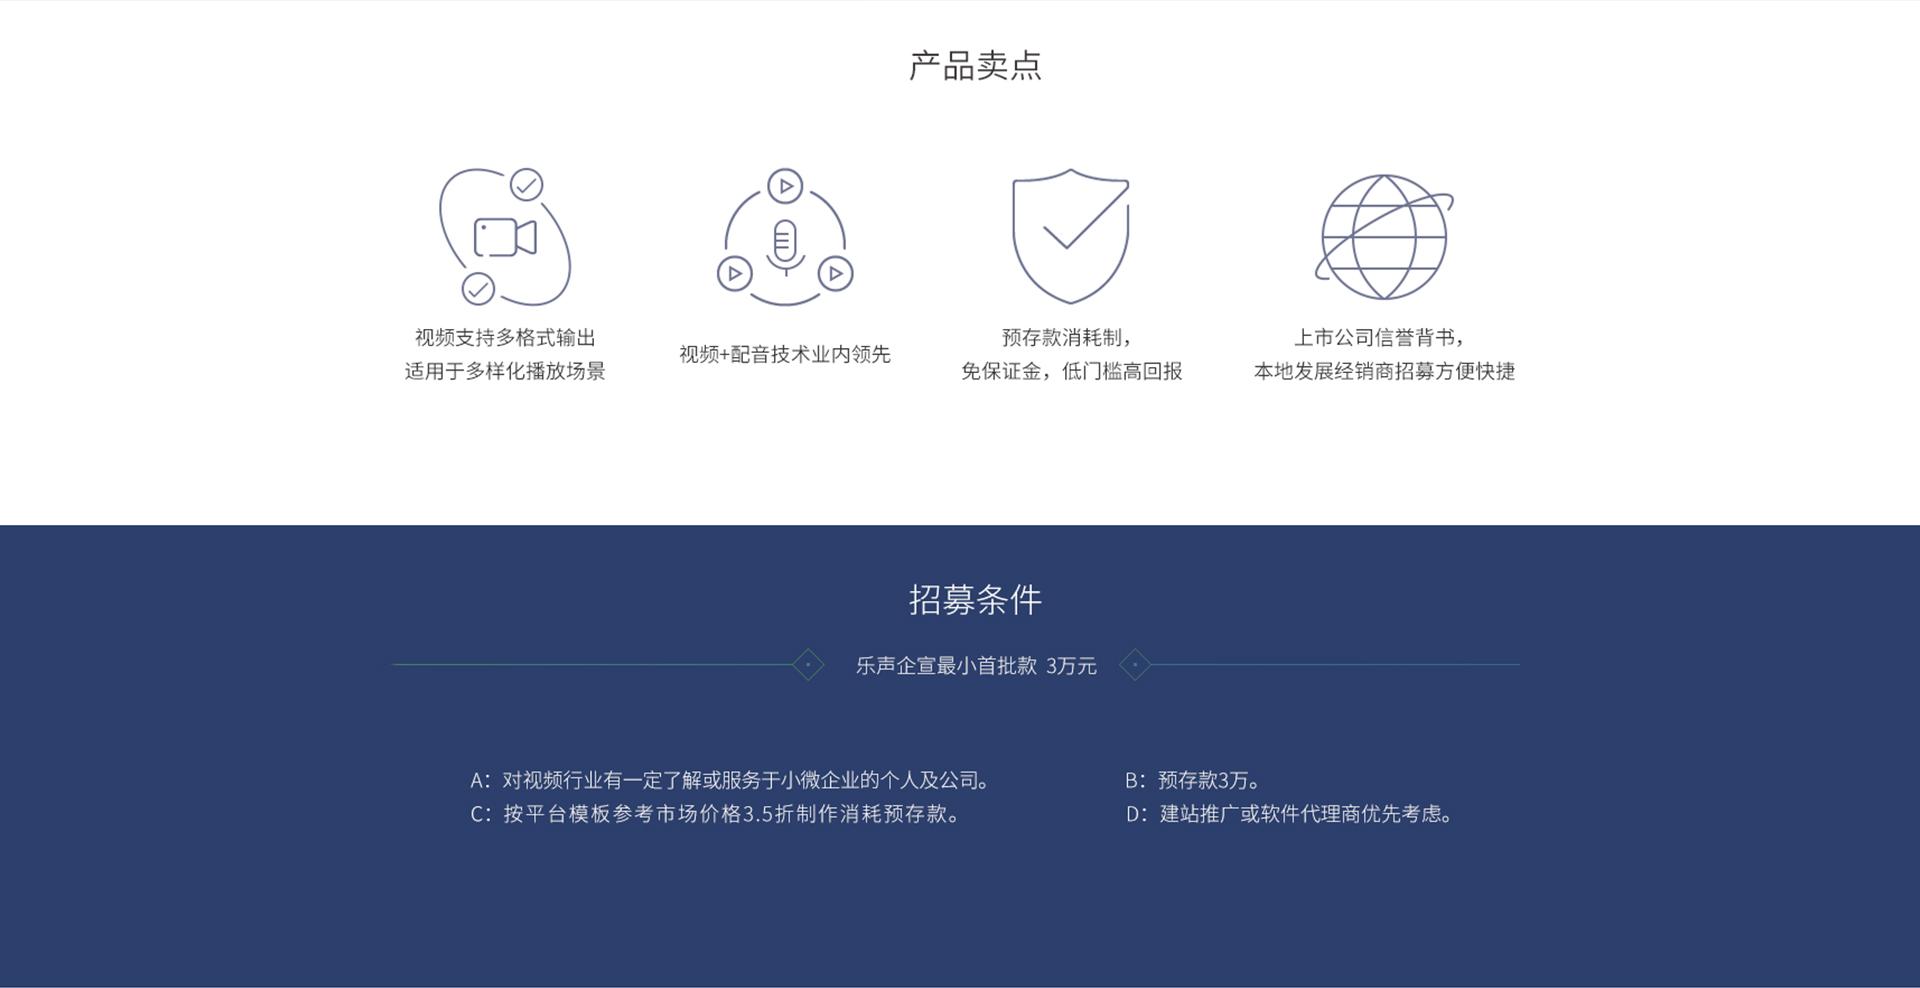 人工智能加盟-智能语音及人工智能产业领导者-找新奇特加盟就上小宝招商